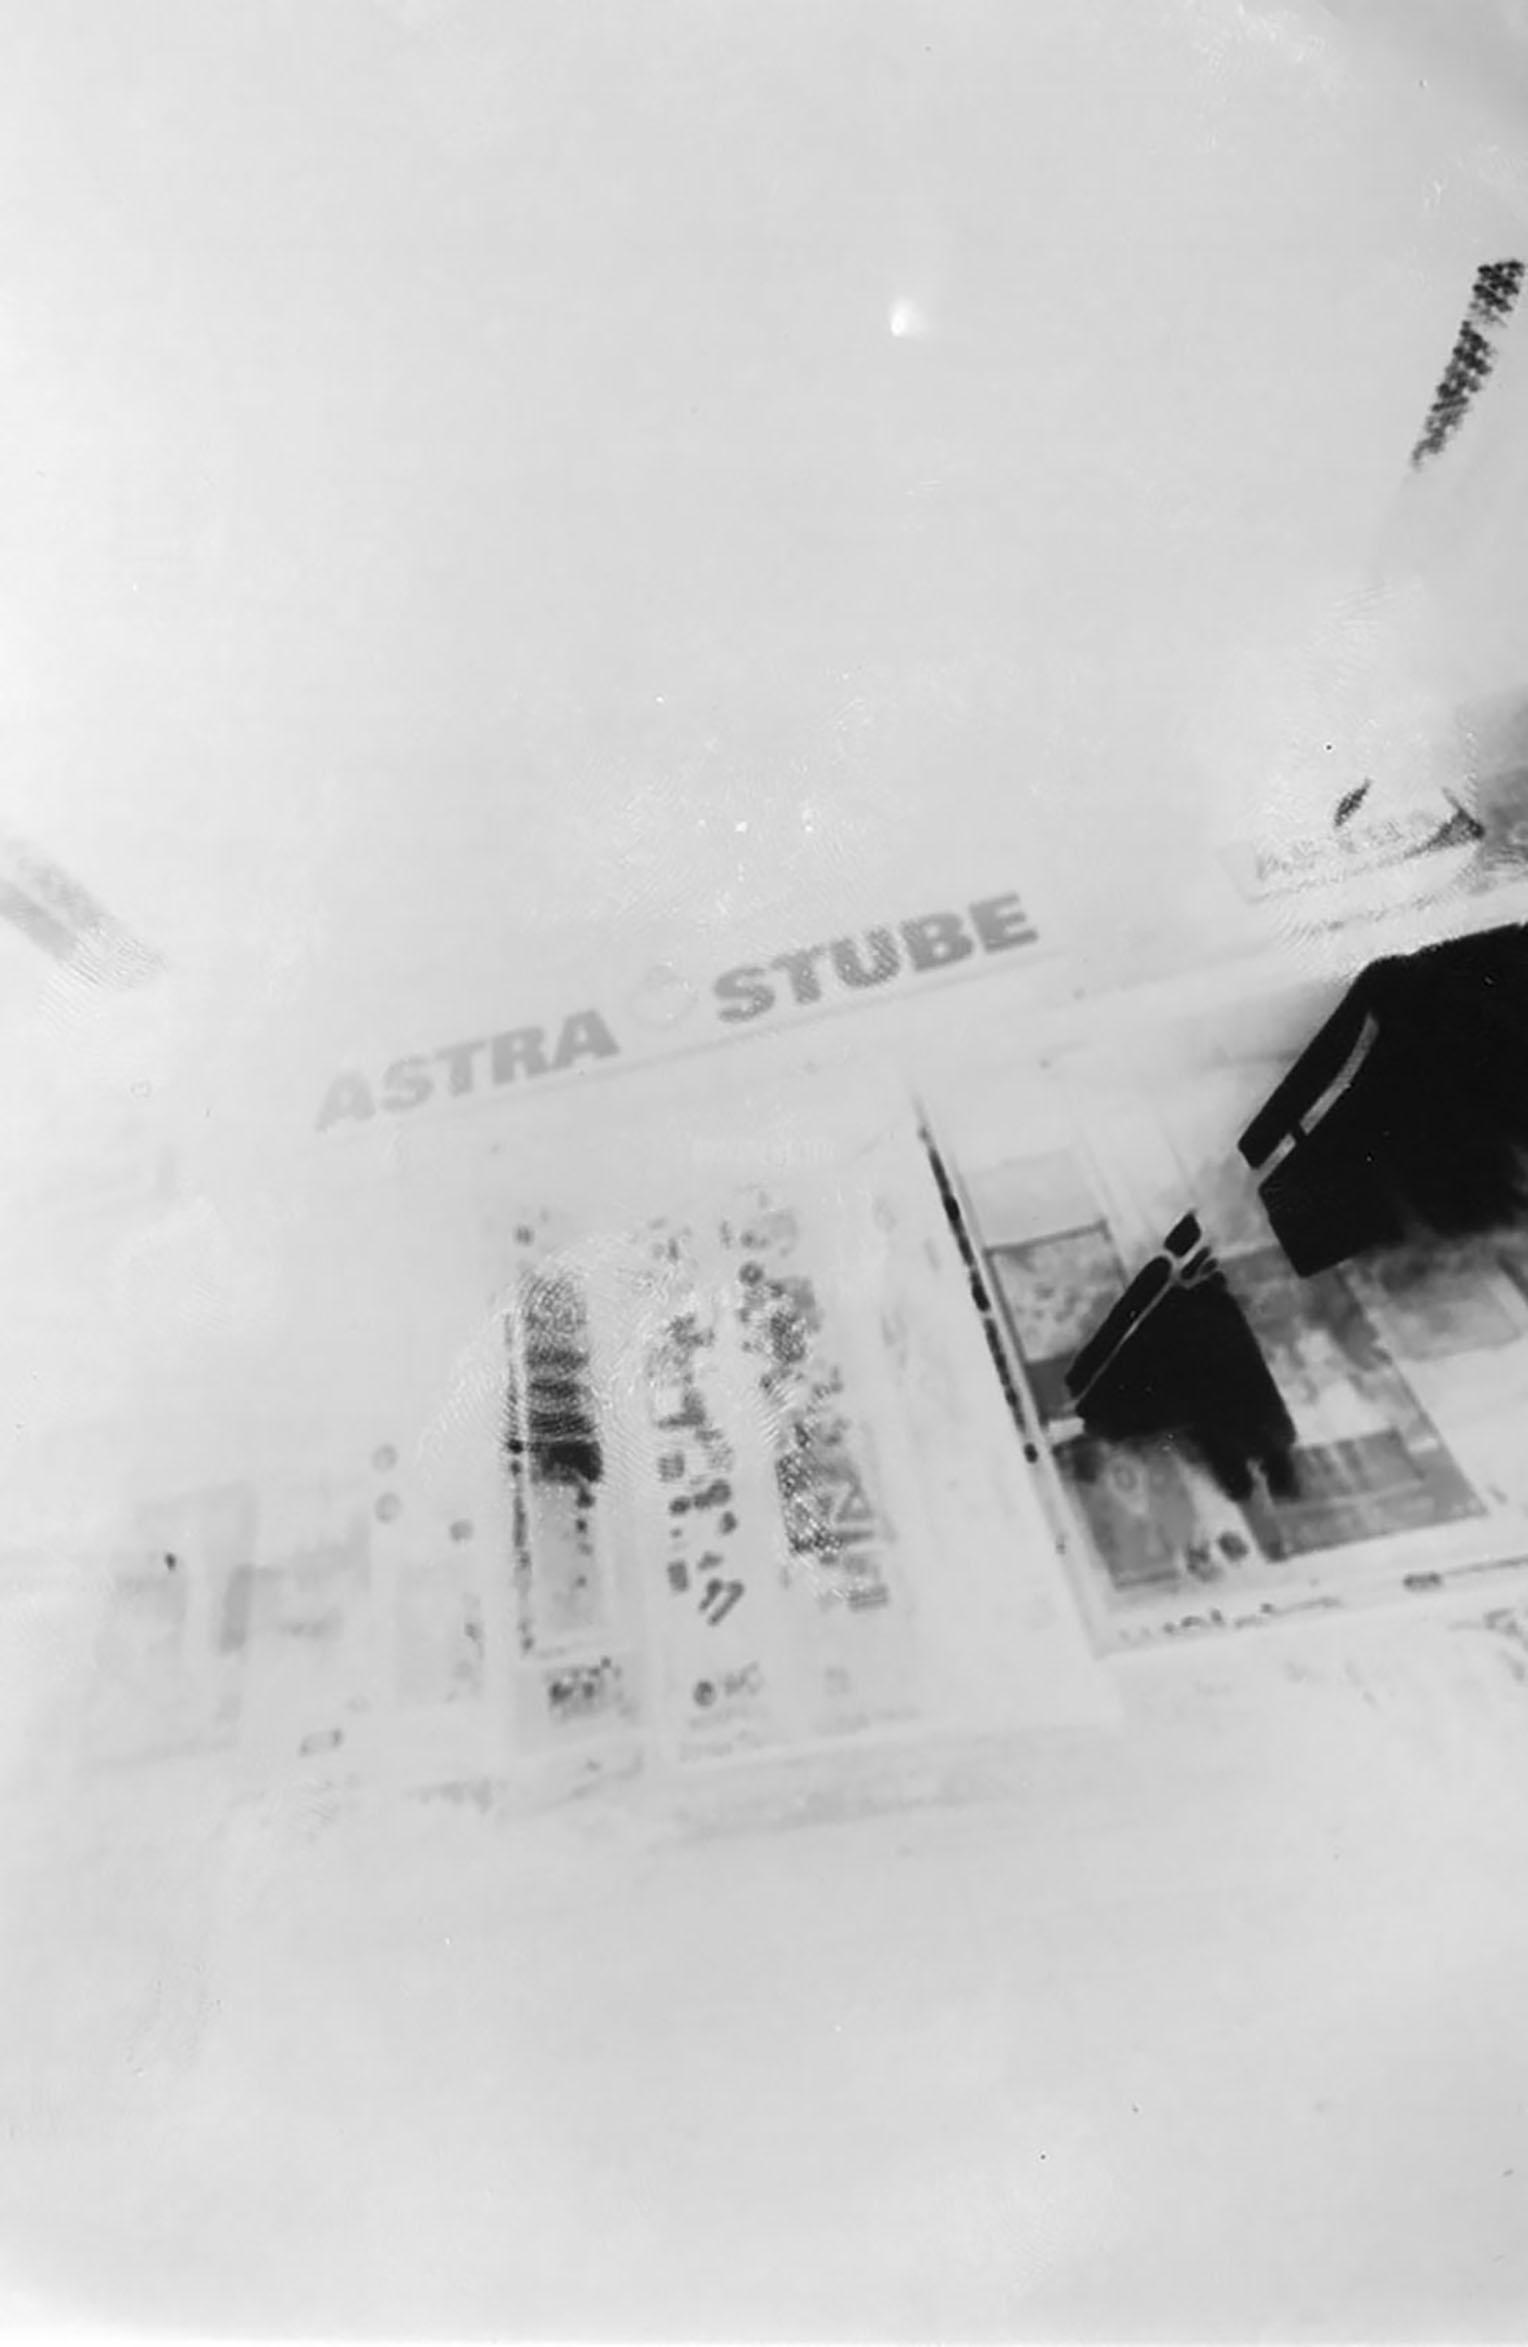 Astra Stube Lochkamera hamburg